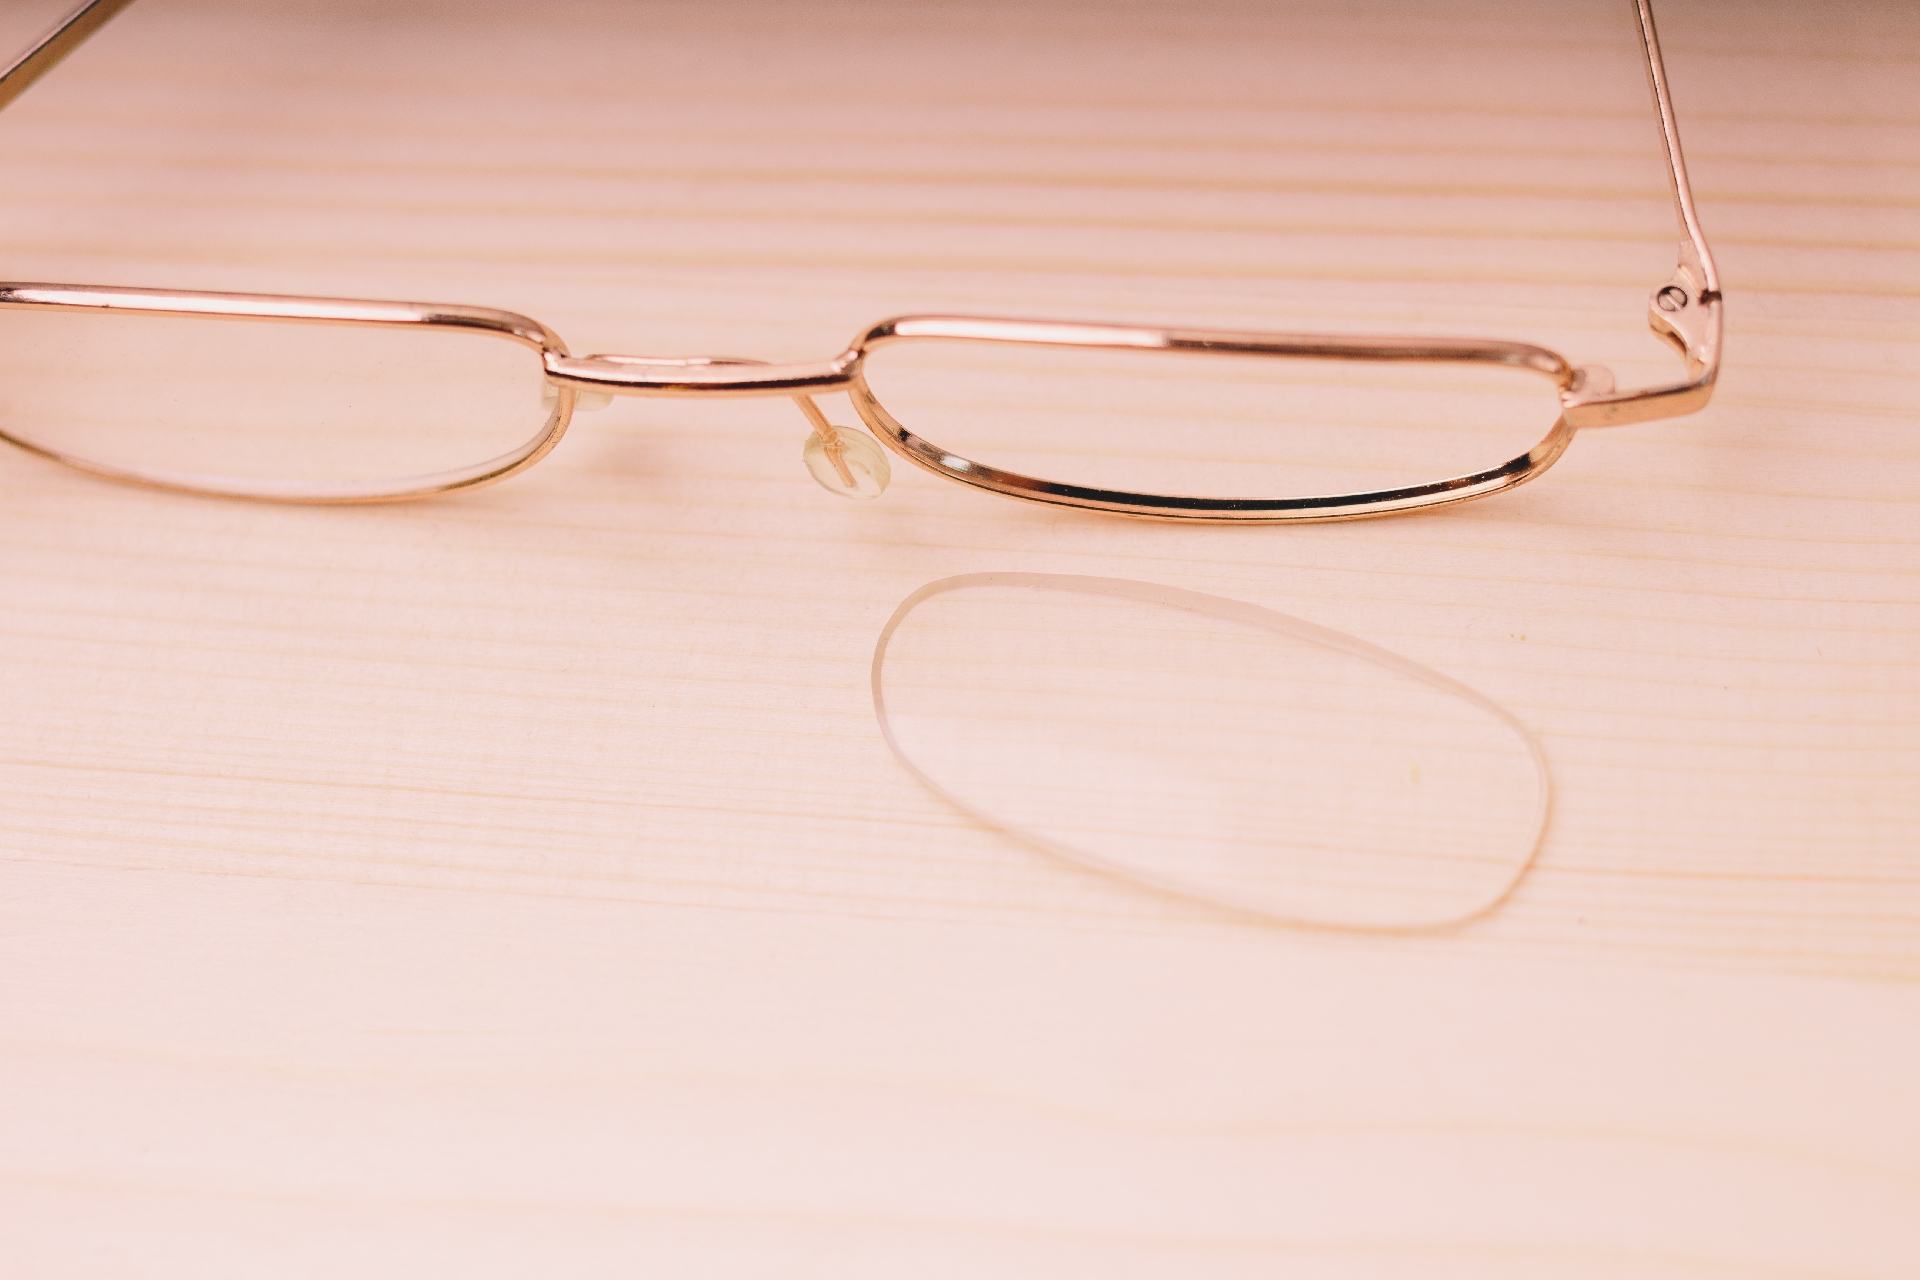 メガネスーパーが眼鏡チェーン初のオムニチャネル機能 ECサイトで在庫確認が可能に